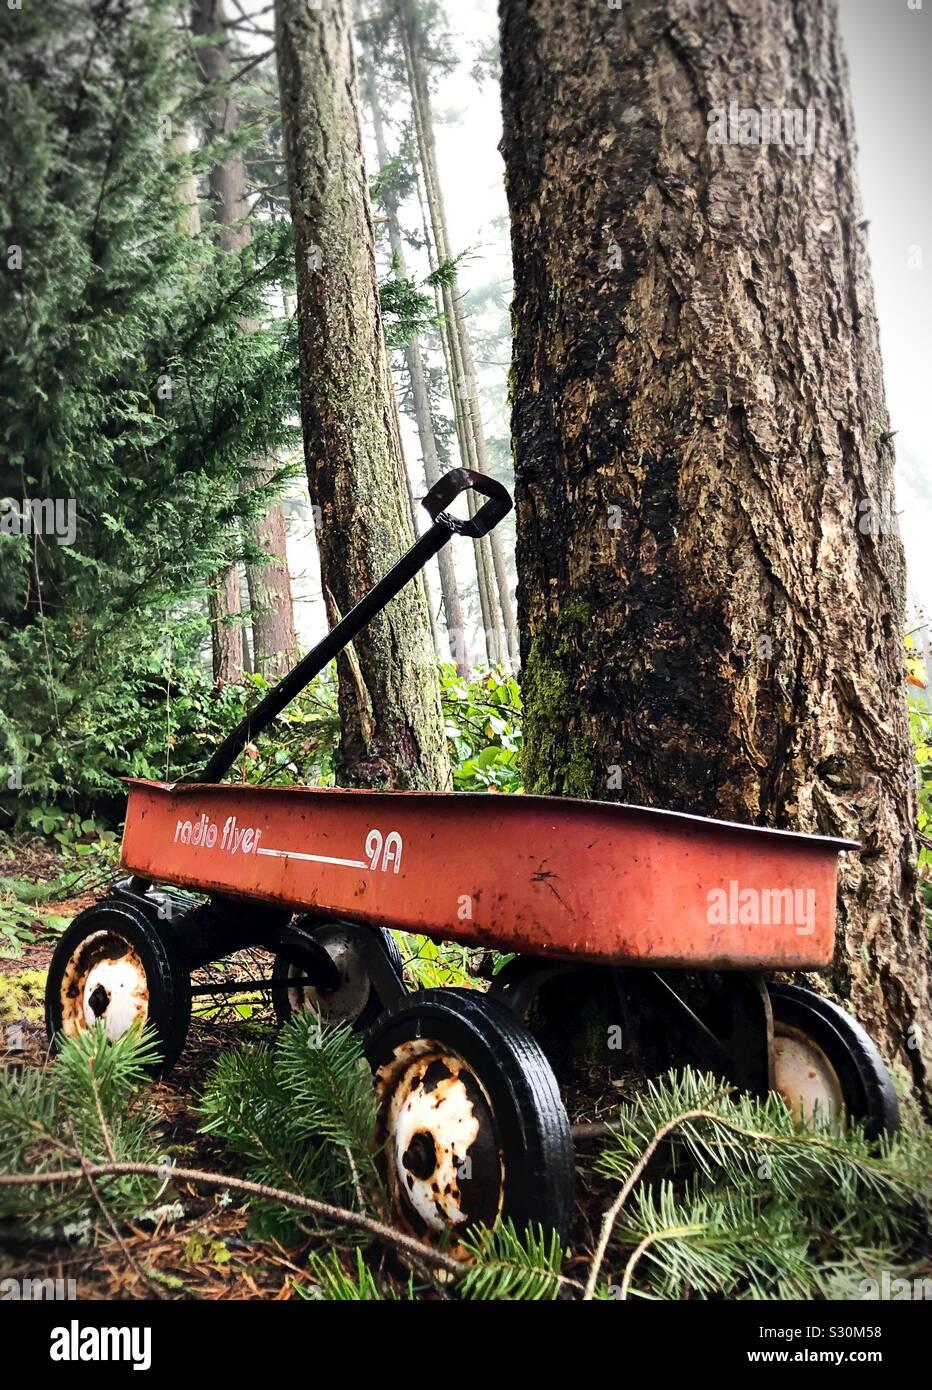 Ein altes Radio Flyer Wagen gegen einen Baum in einem Wald. Stockfoto